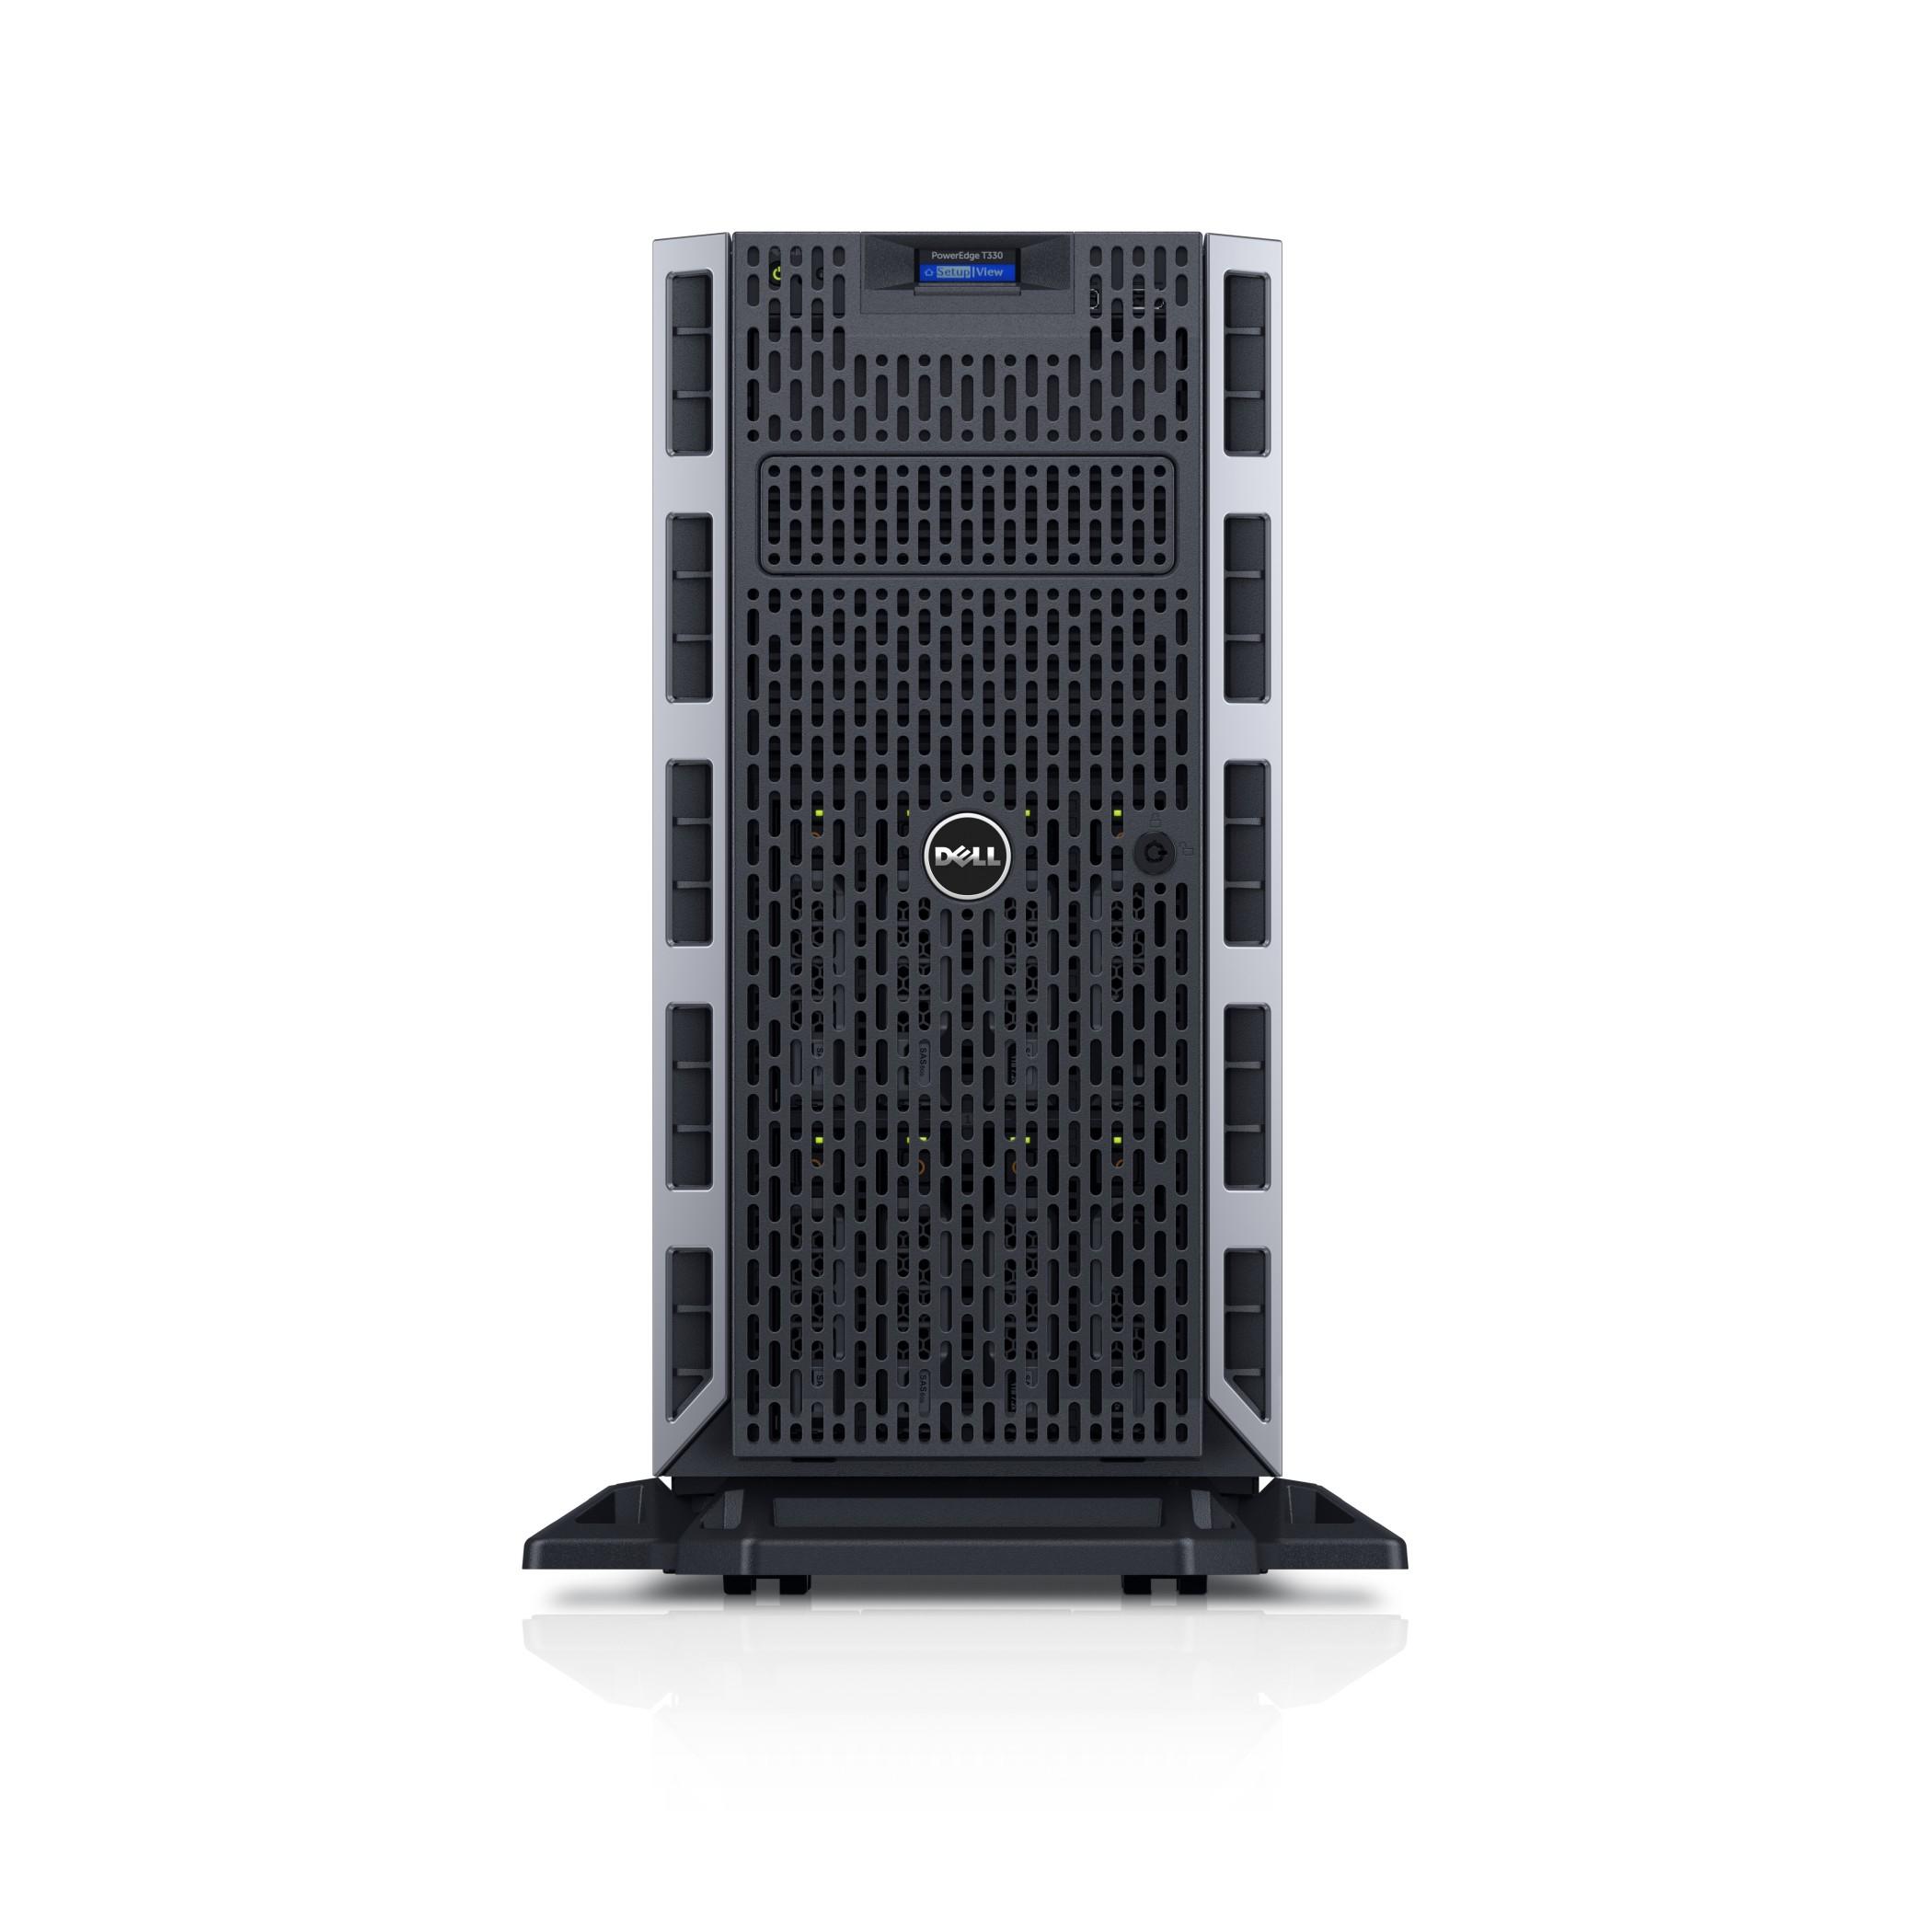 Dell PowerEdge T330 3GHz E3-1220V6 495W Tower (5U) Server